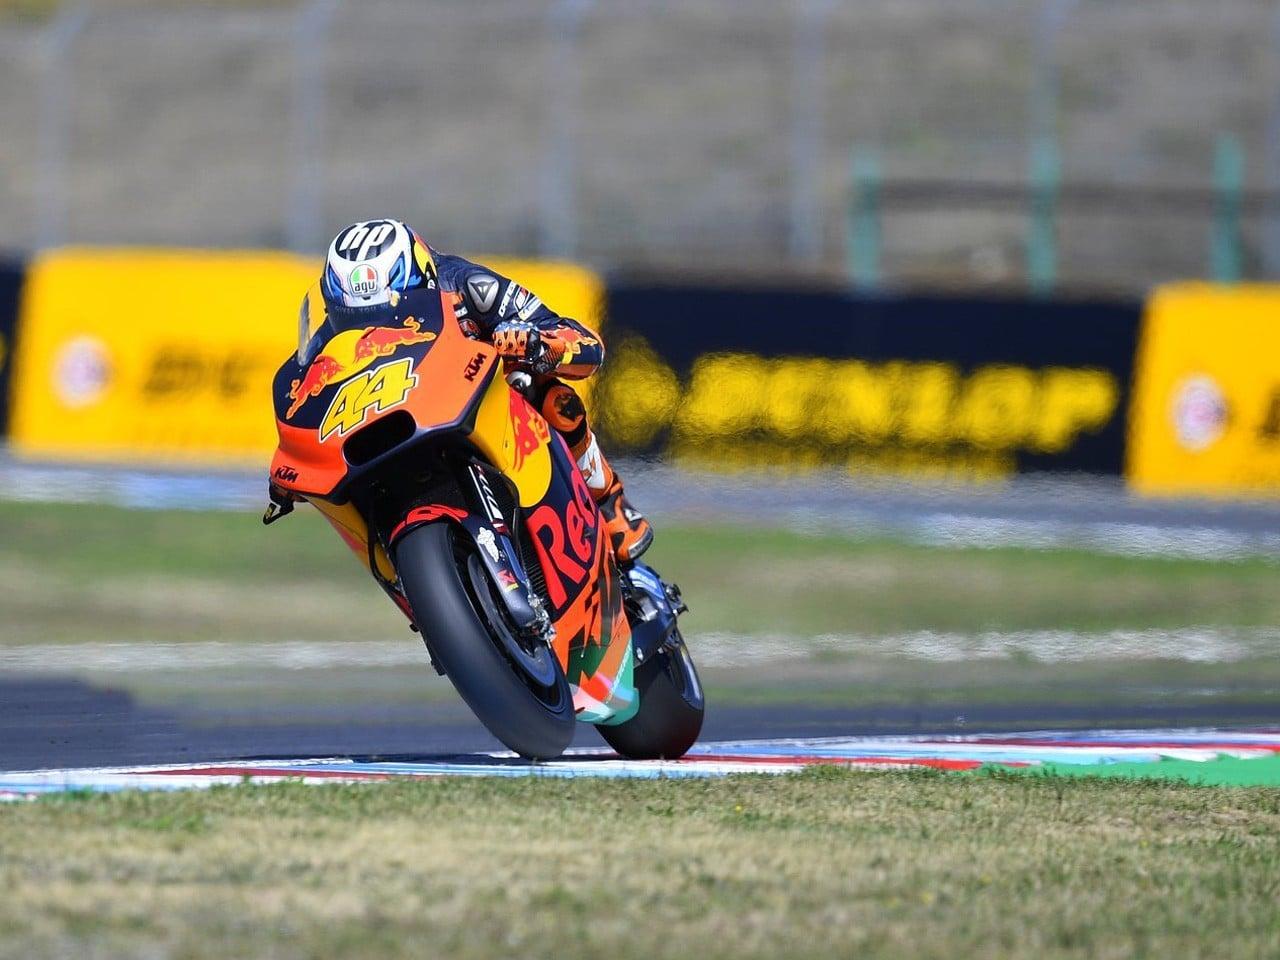 OFICIAL | Pol Espargaró será piloto en el Repsol Honda para 2021